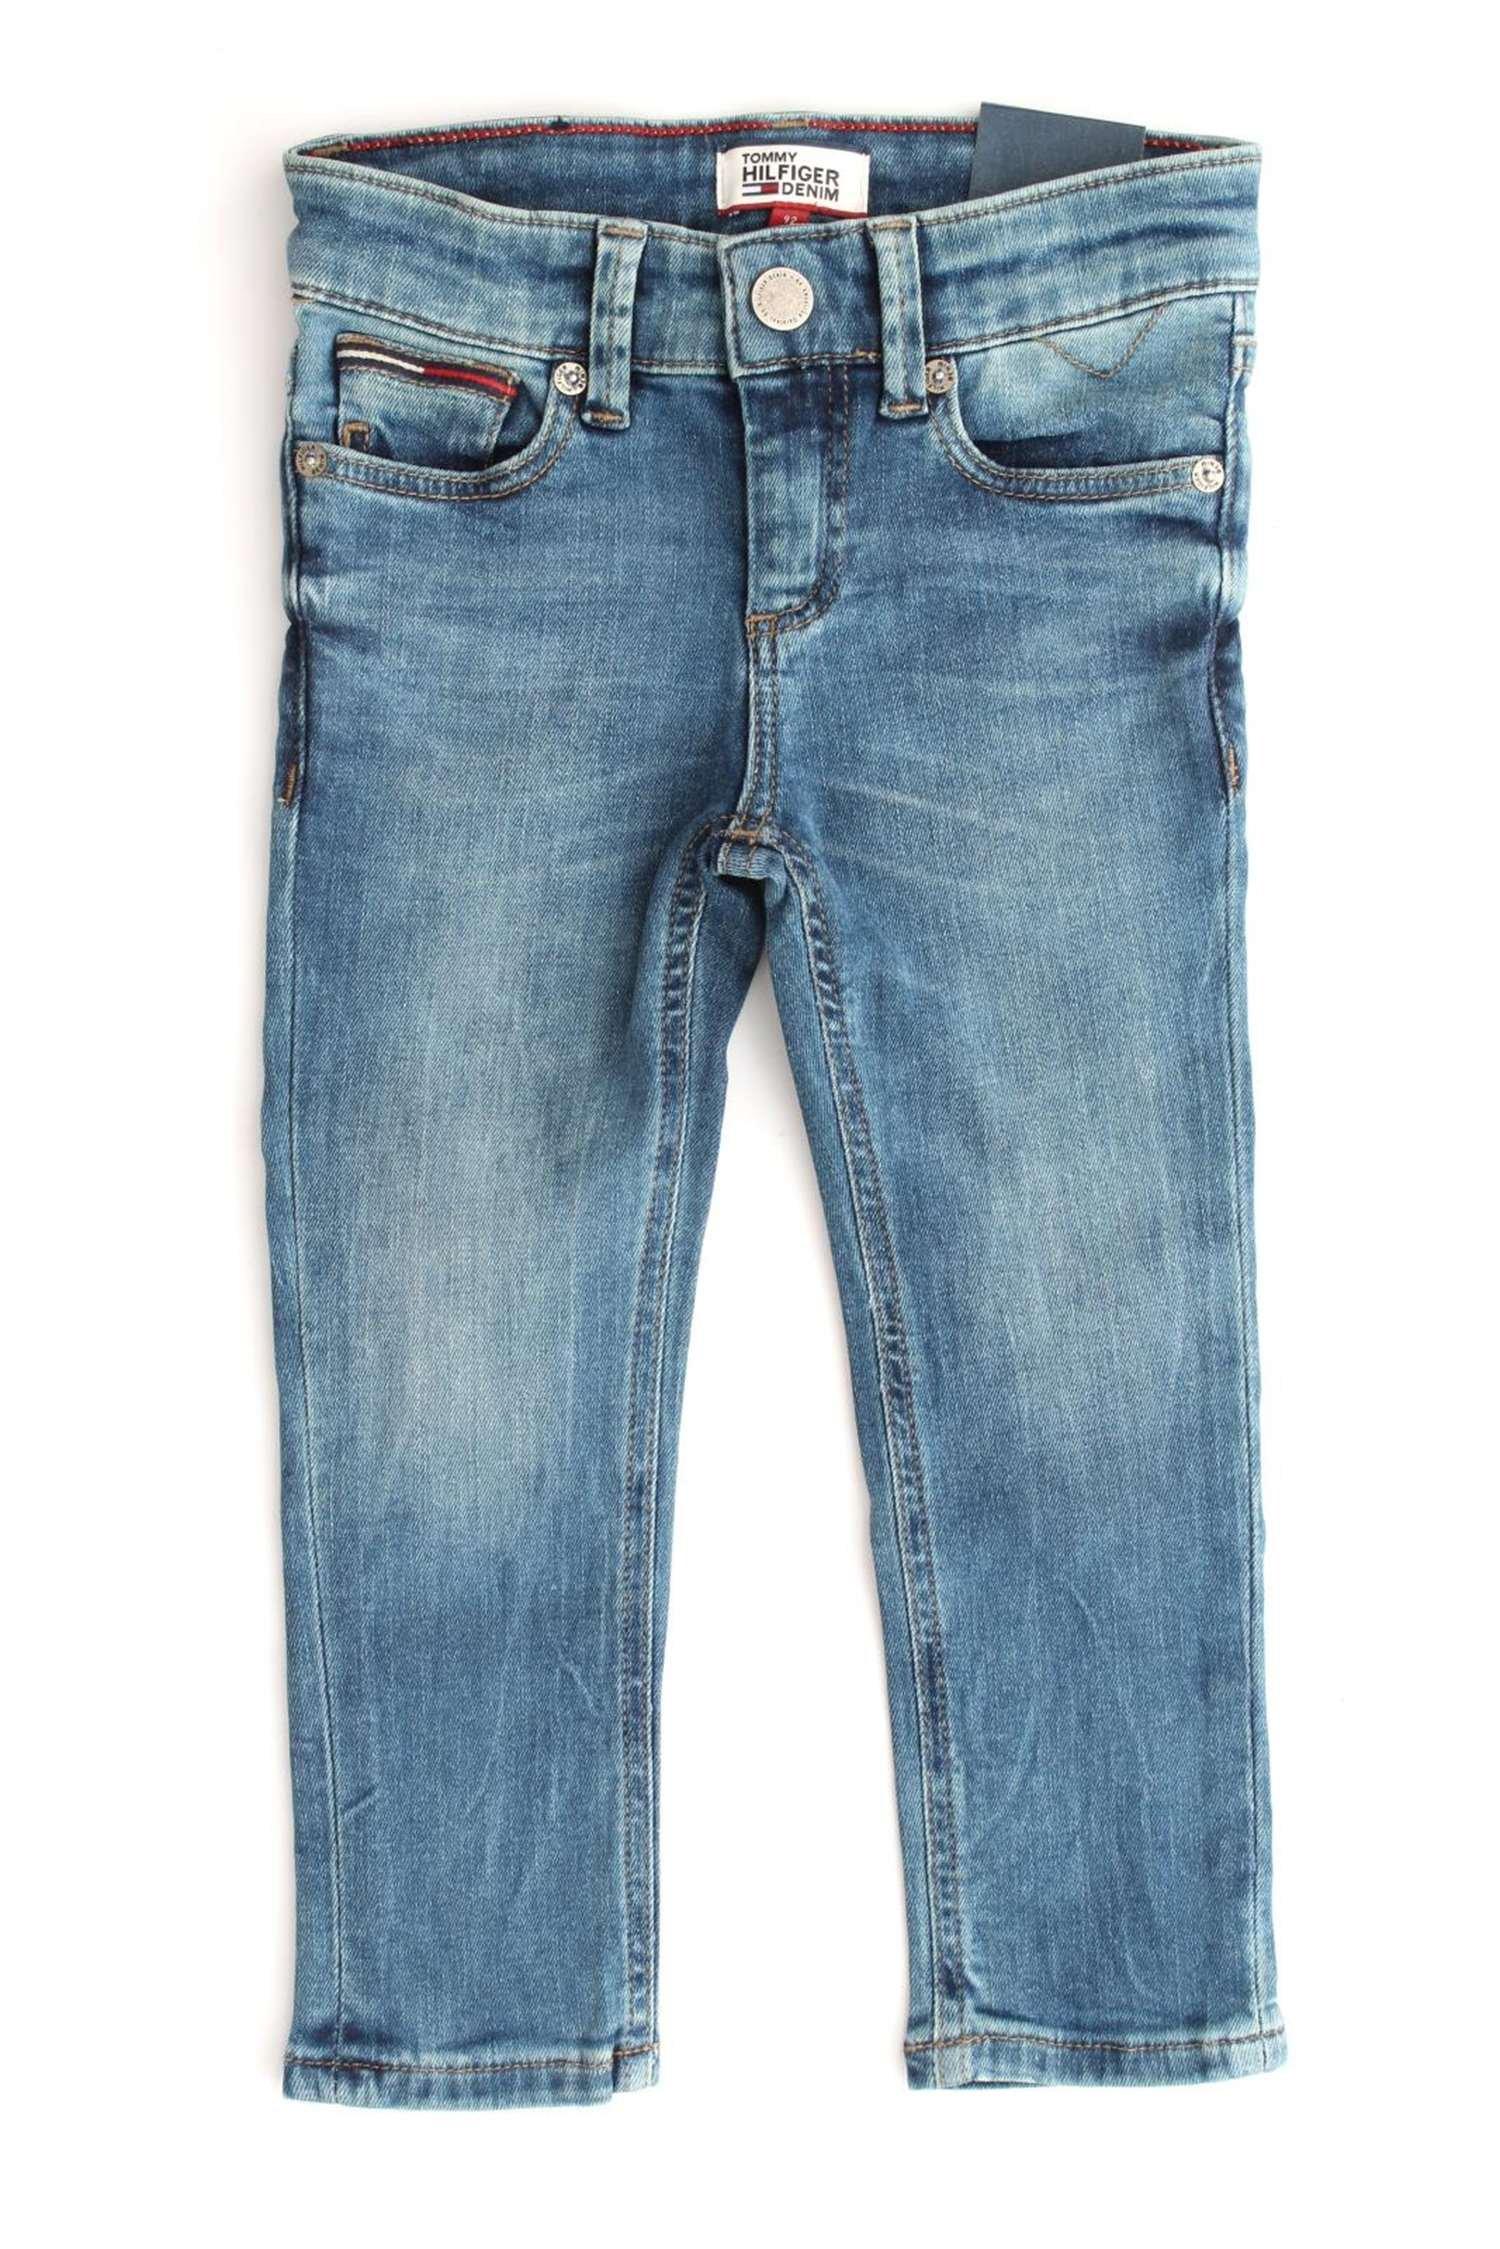 Tommy Hilfiger Scanton Slim Pmbstr Jeans para Niños